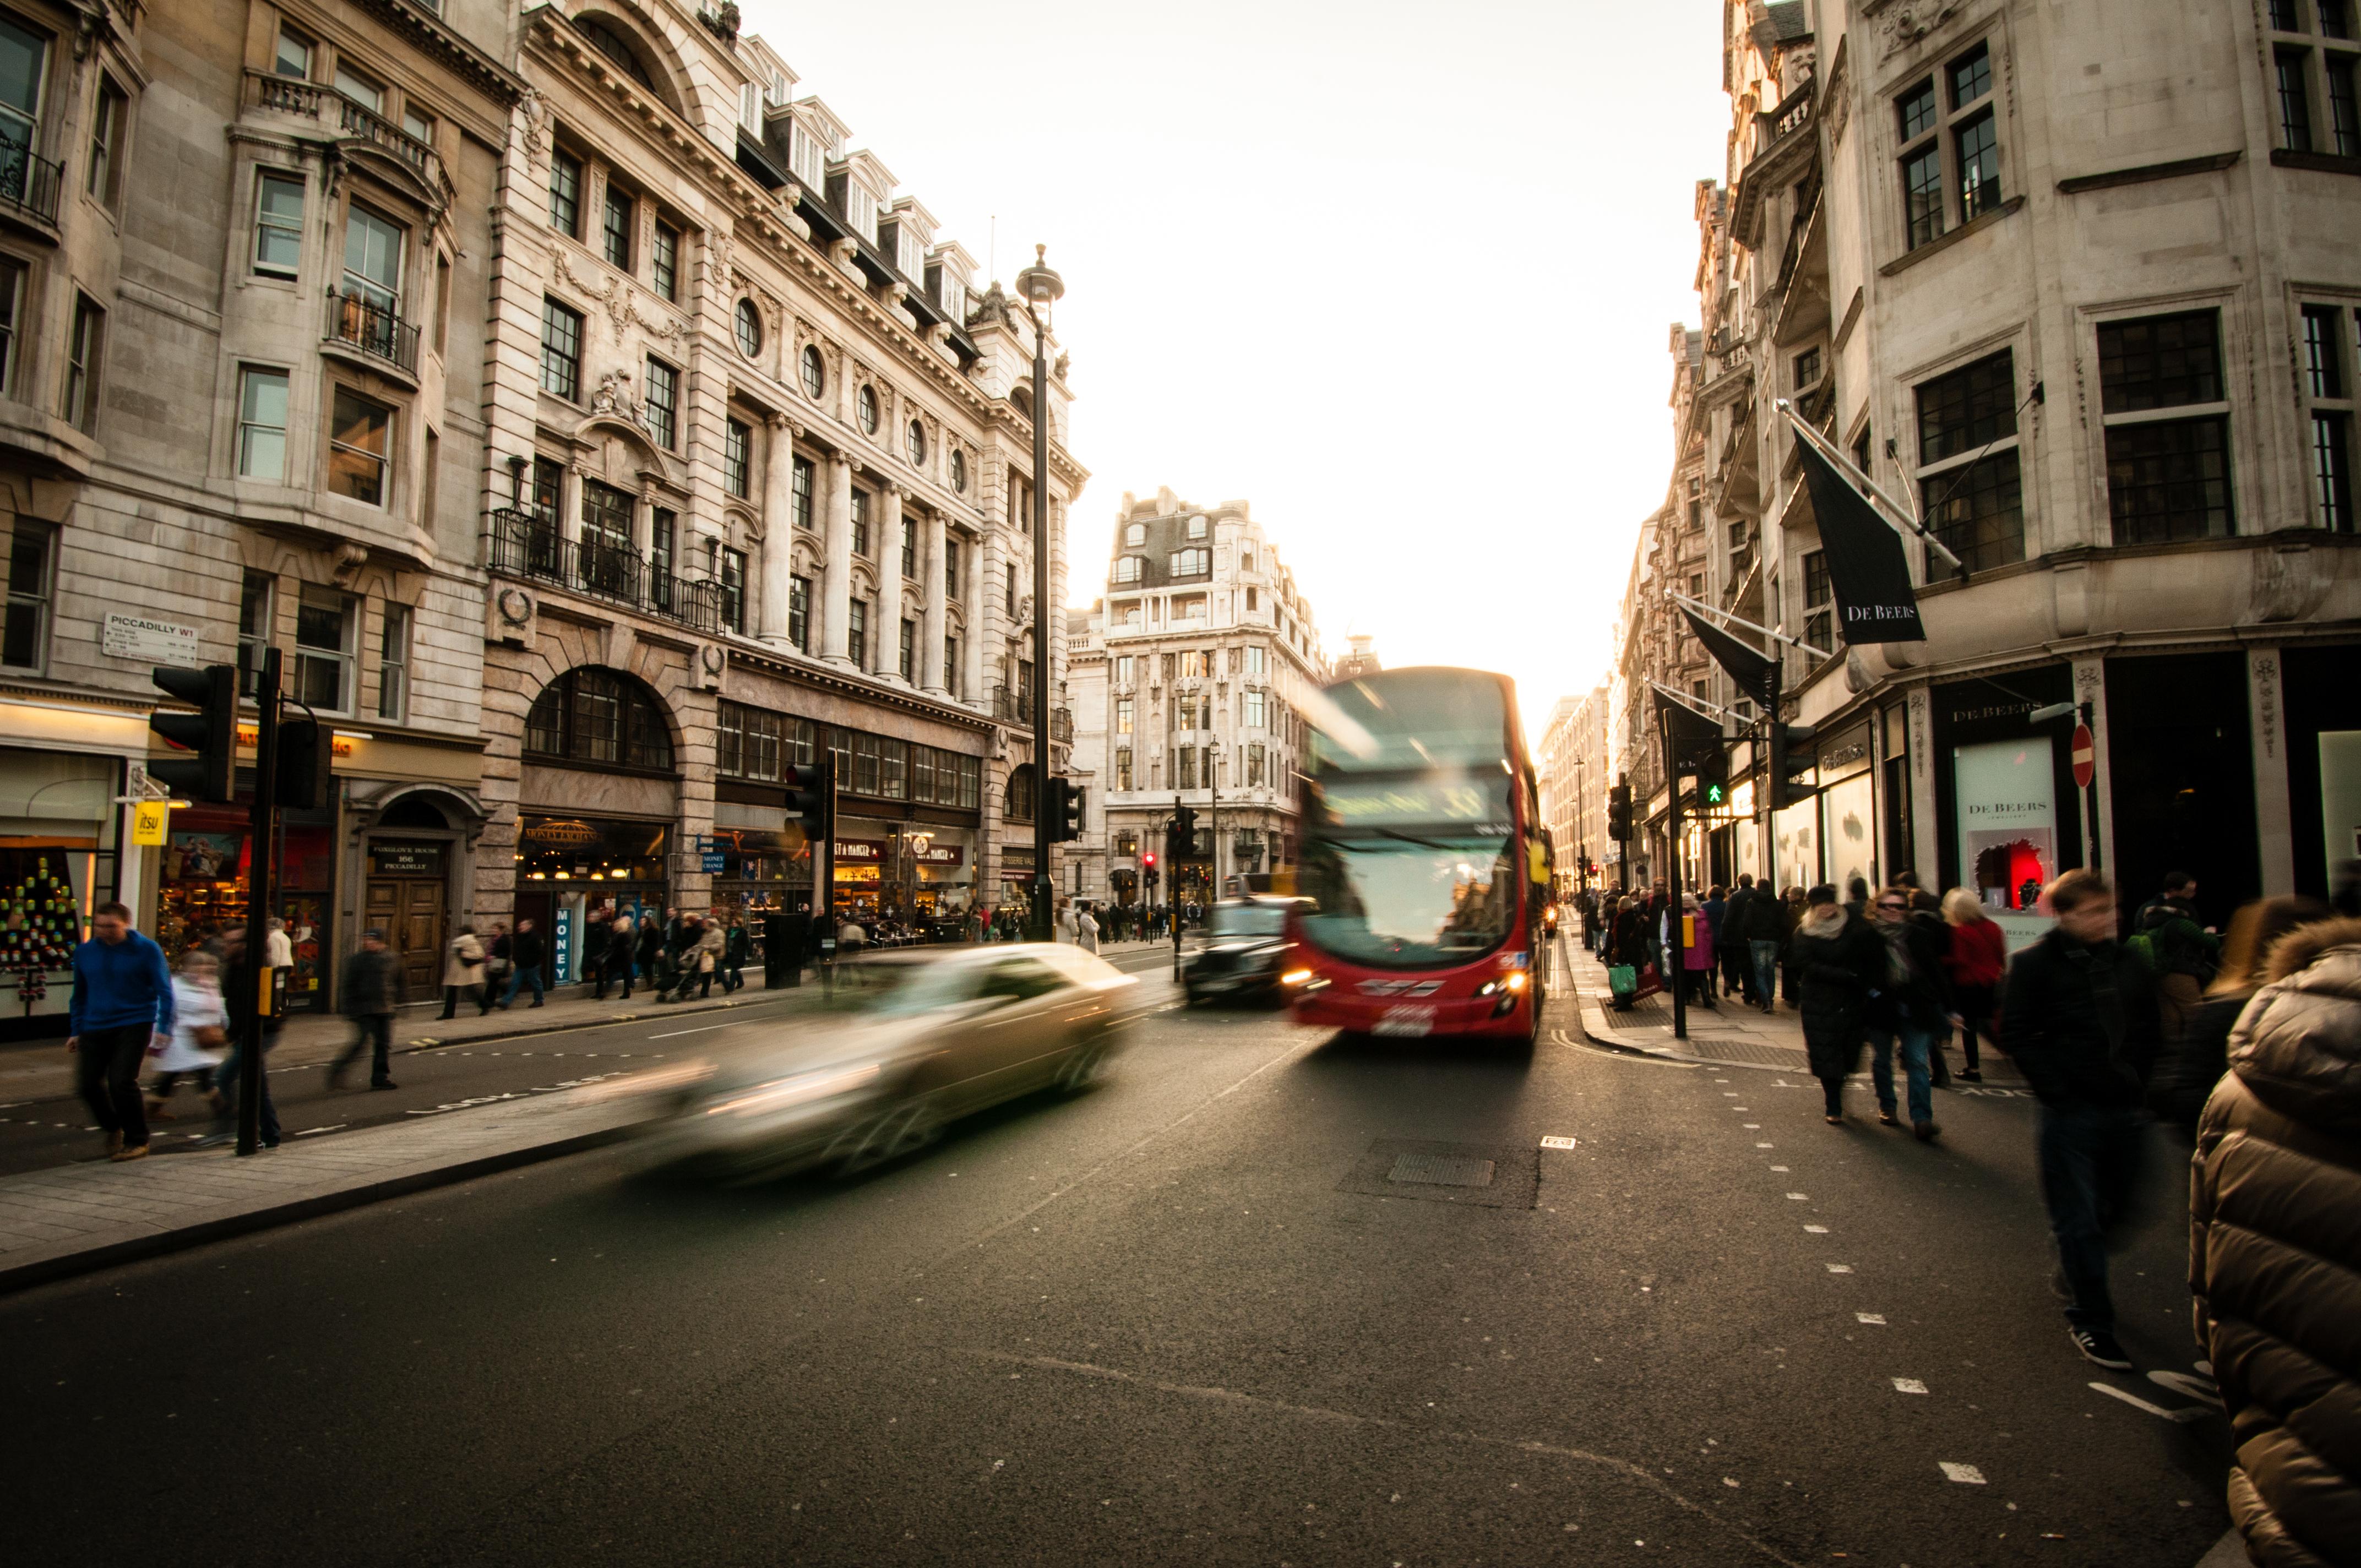 + London